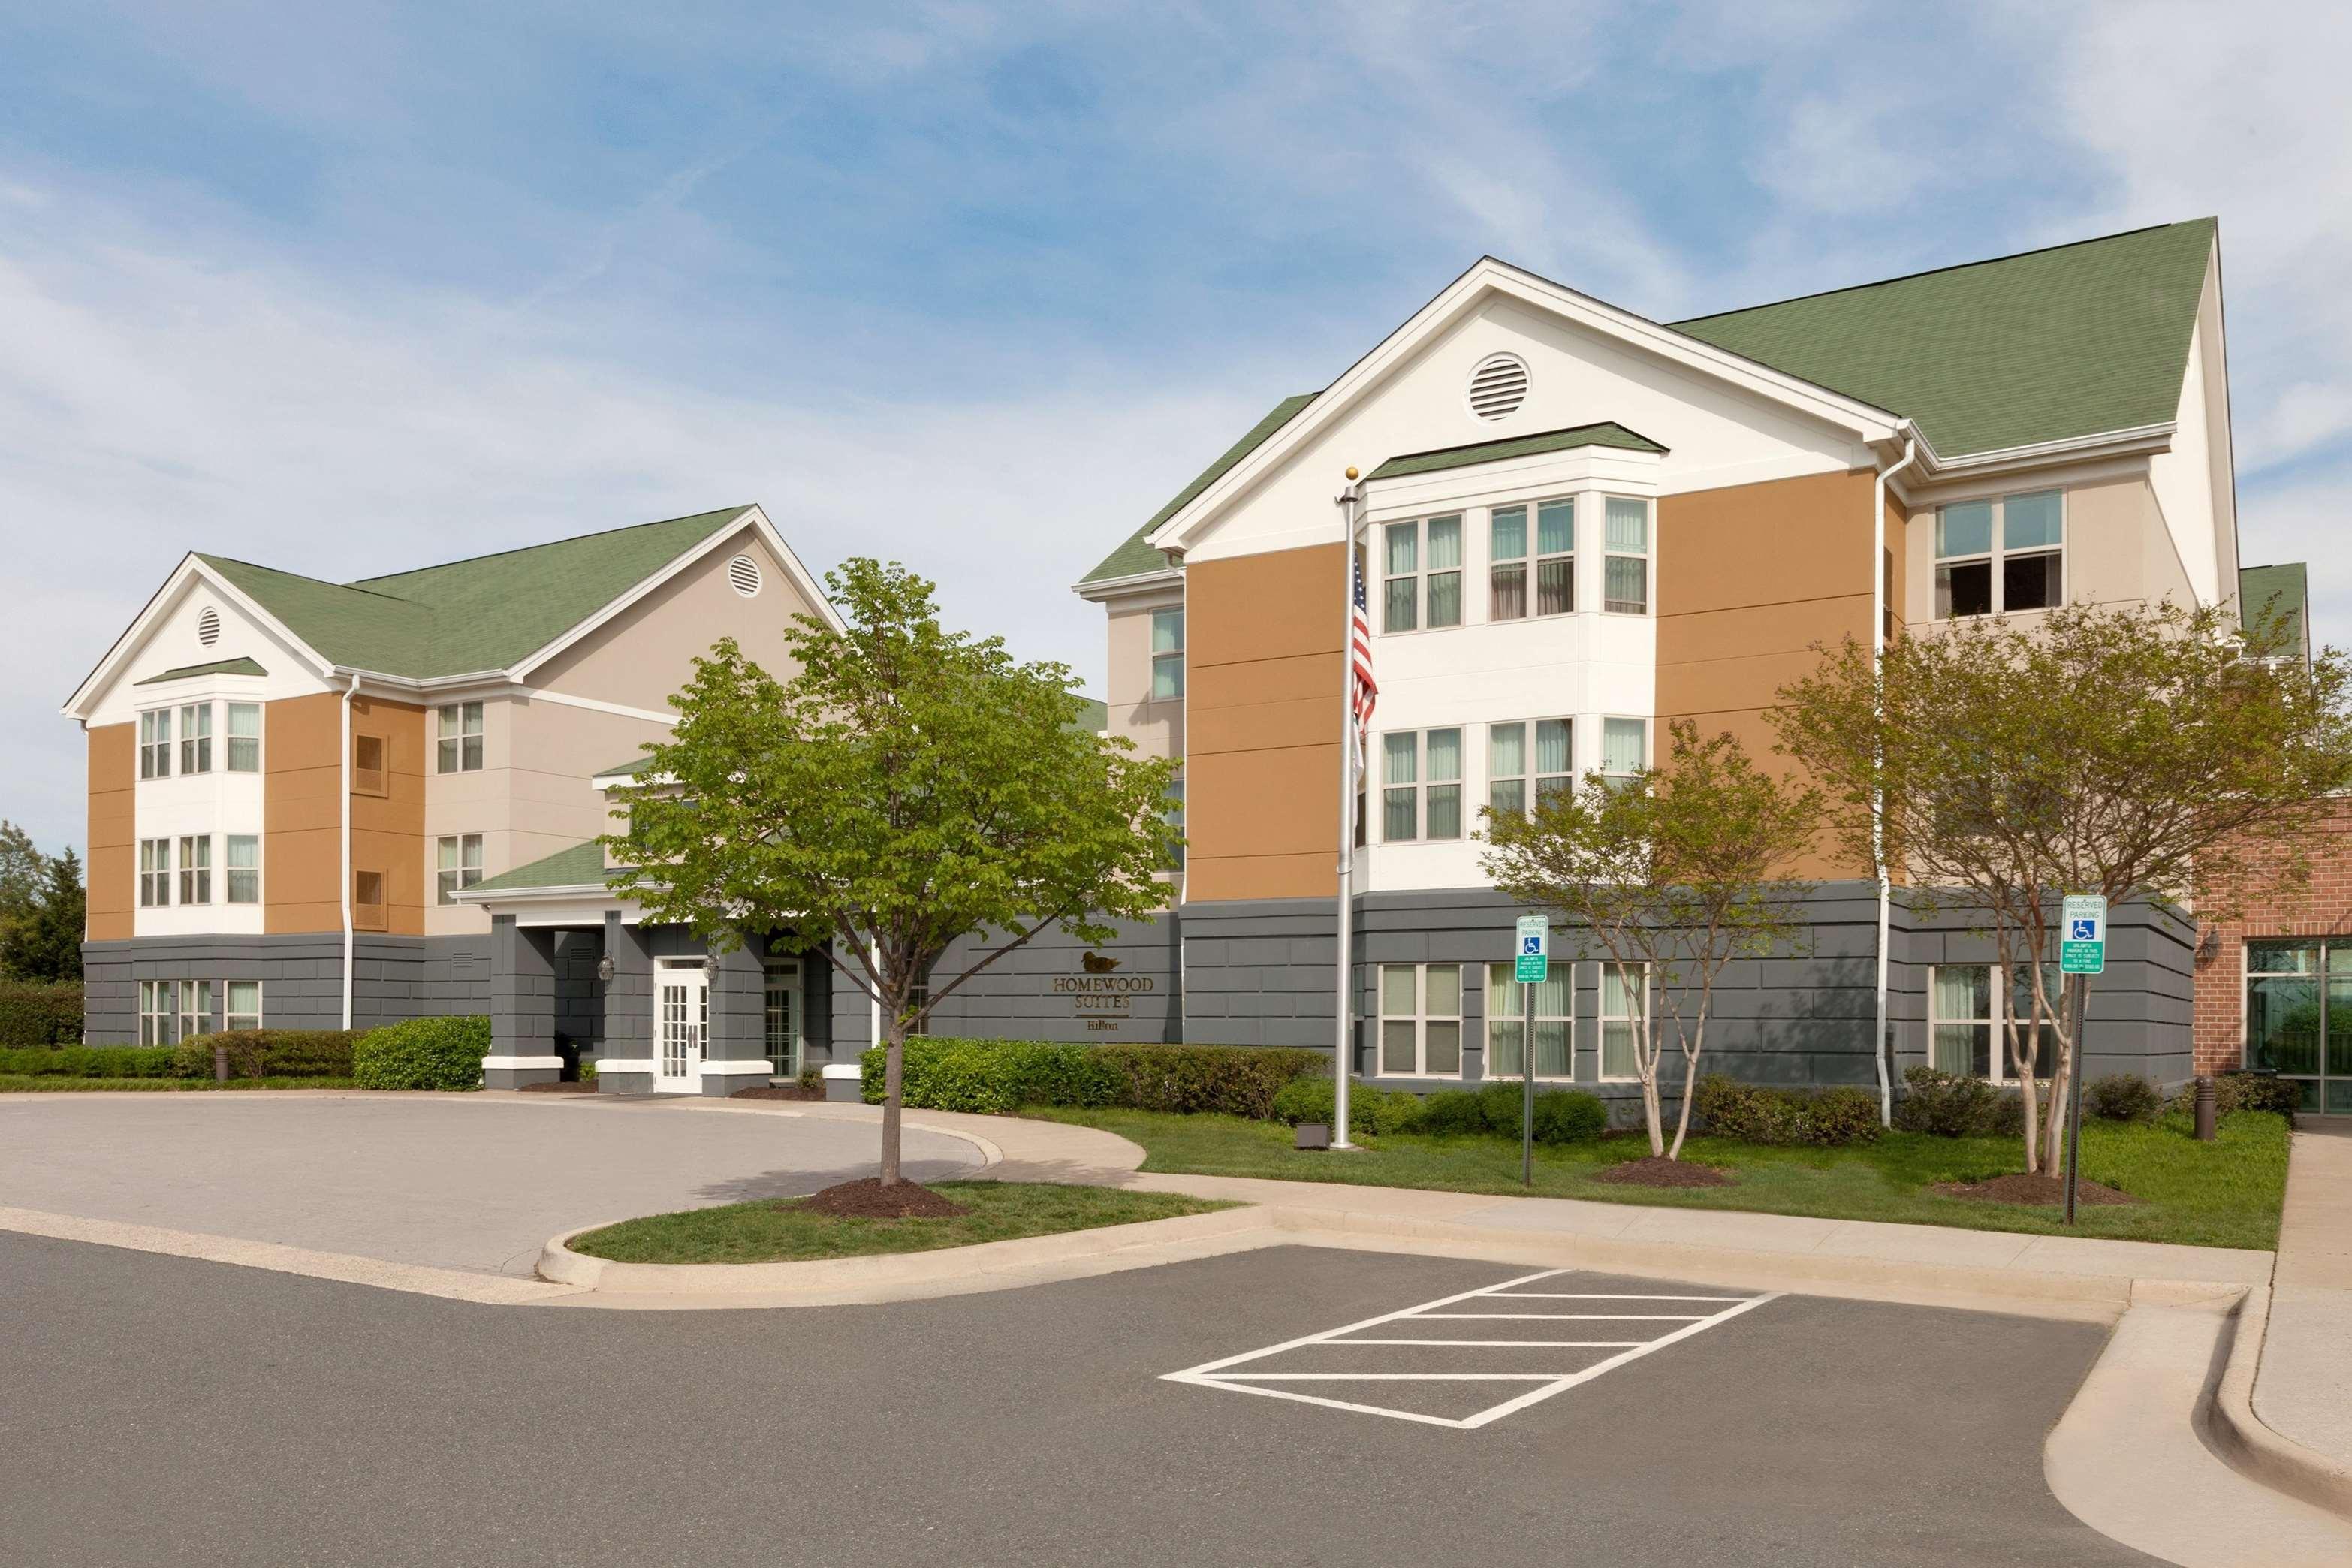 Homewood Suites by Hilton Dulles-North/Loudoun image 27